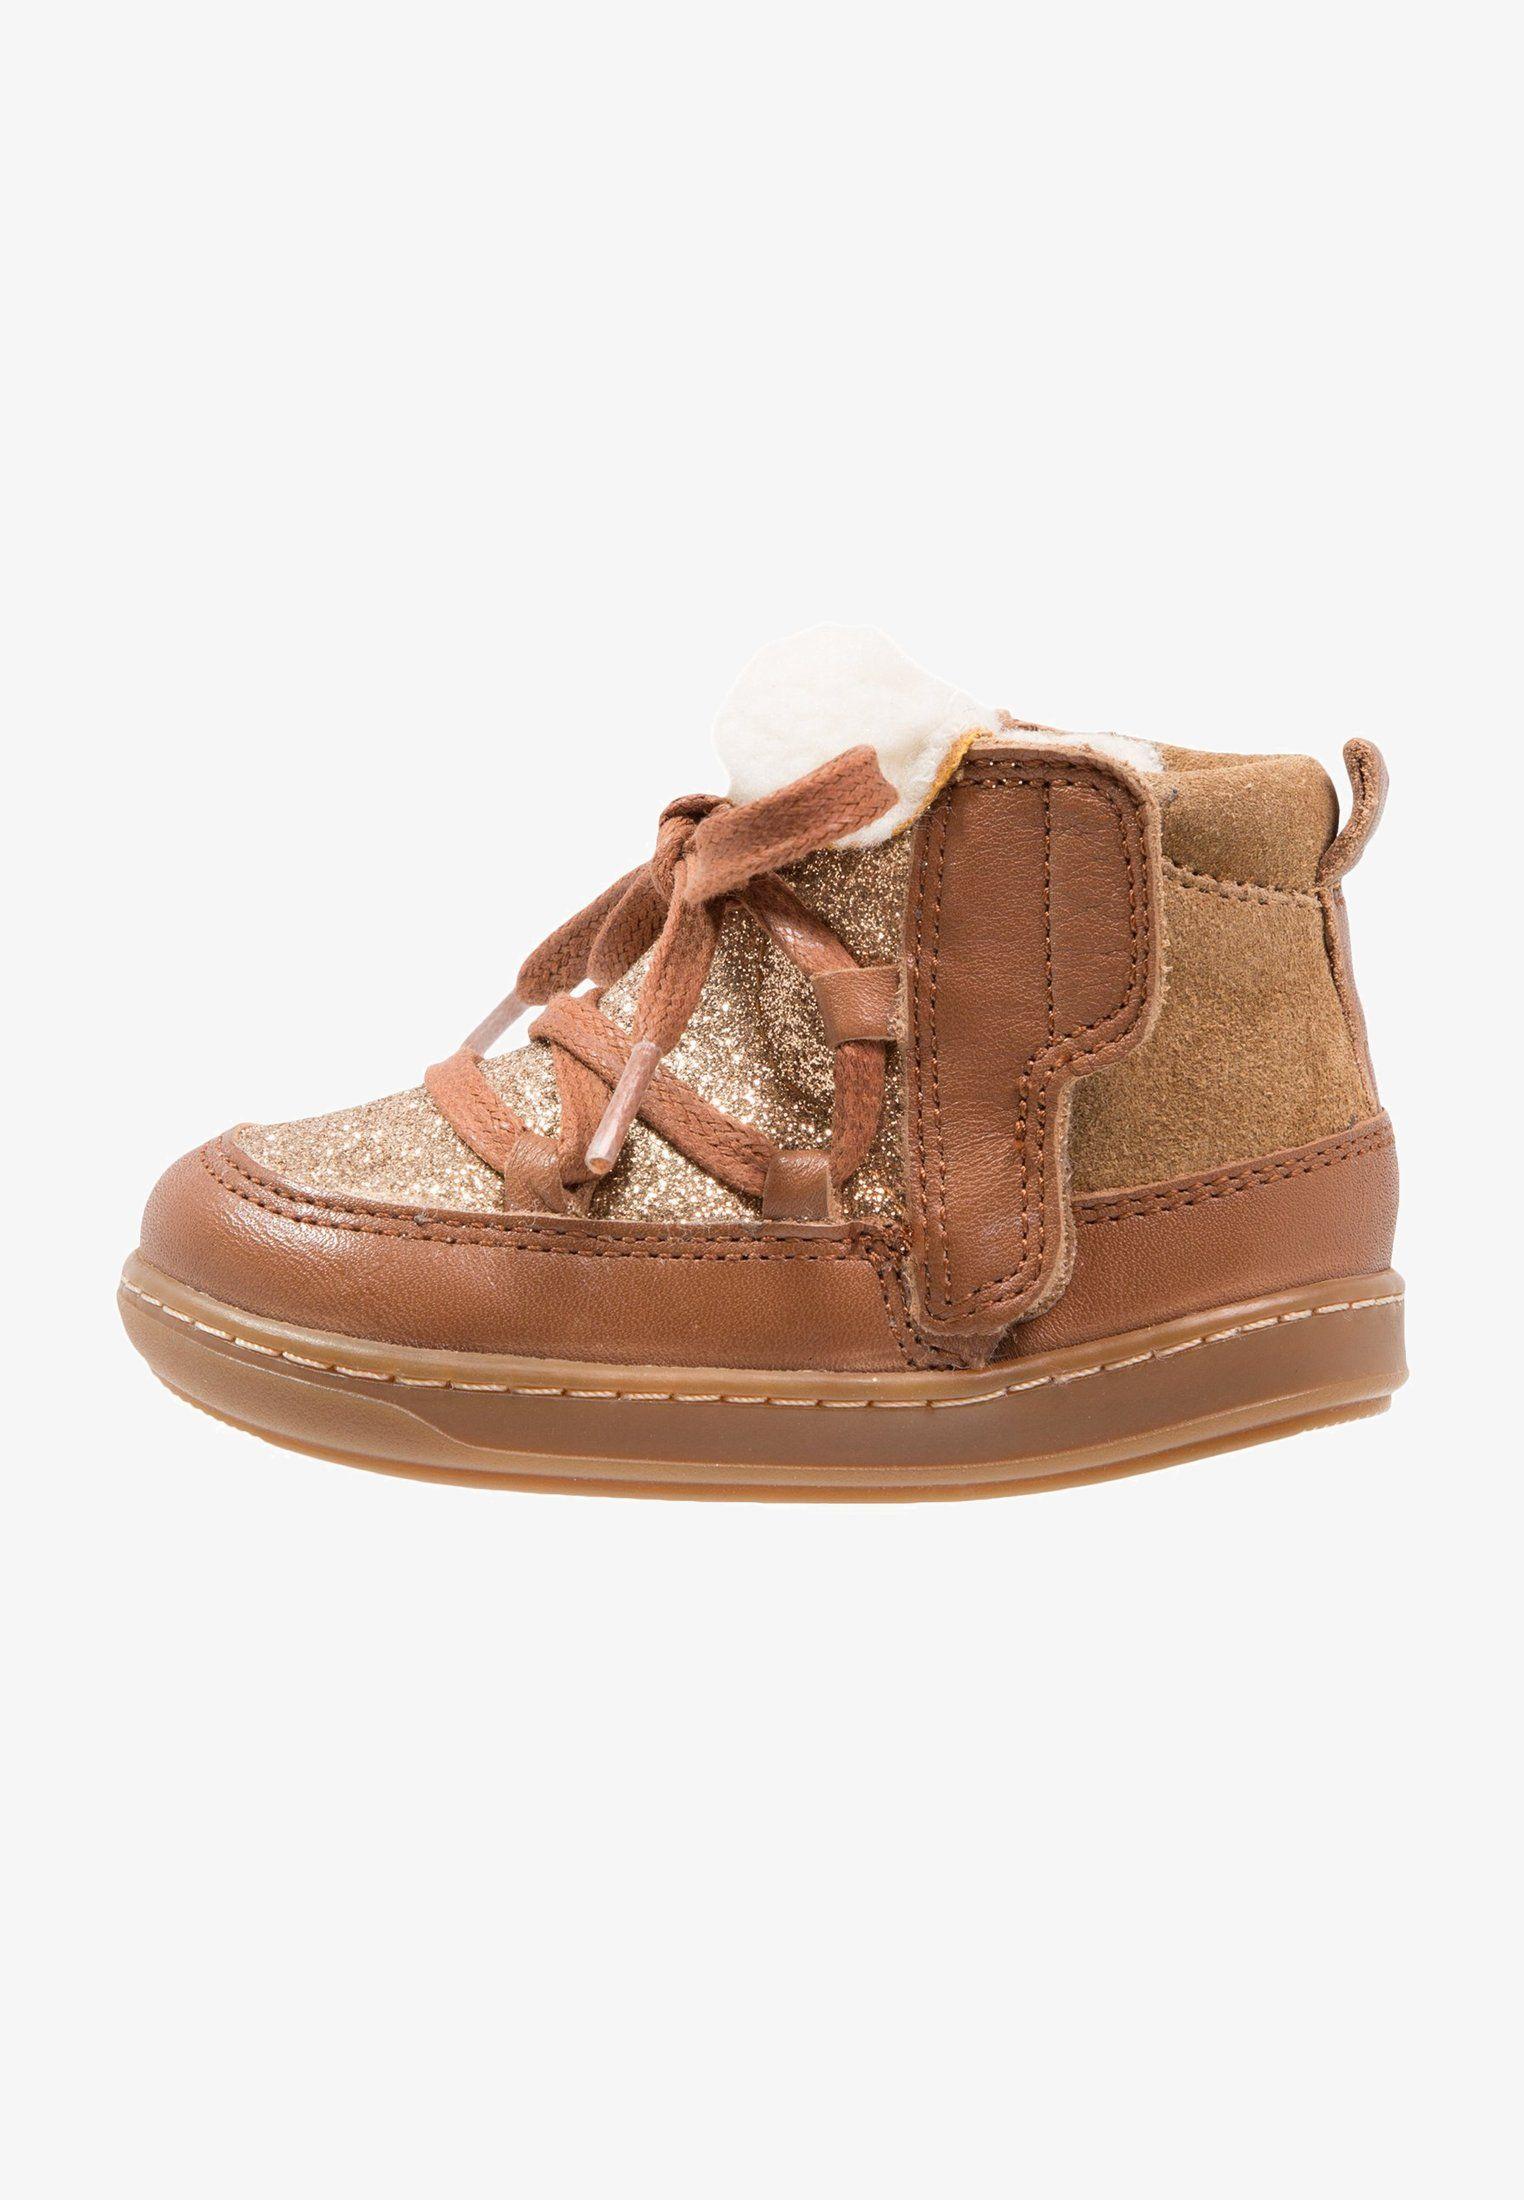 chaussures cuir ado garcon,chaussures bebe garcon zalando